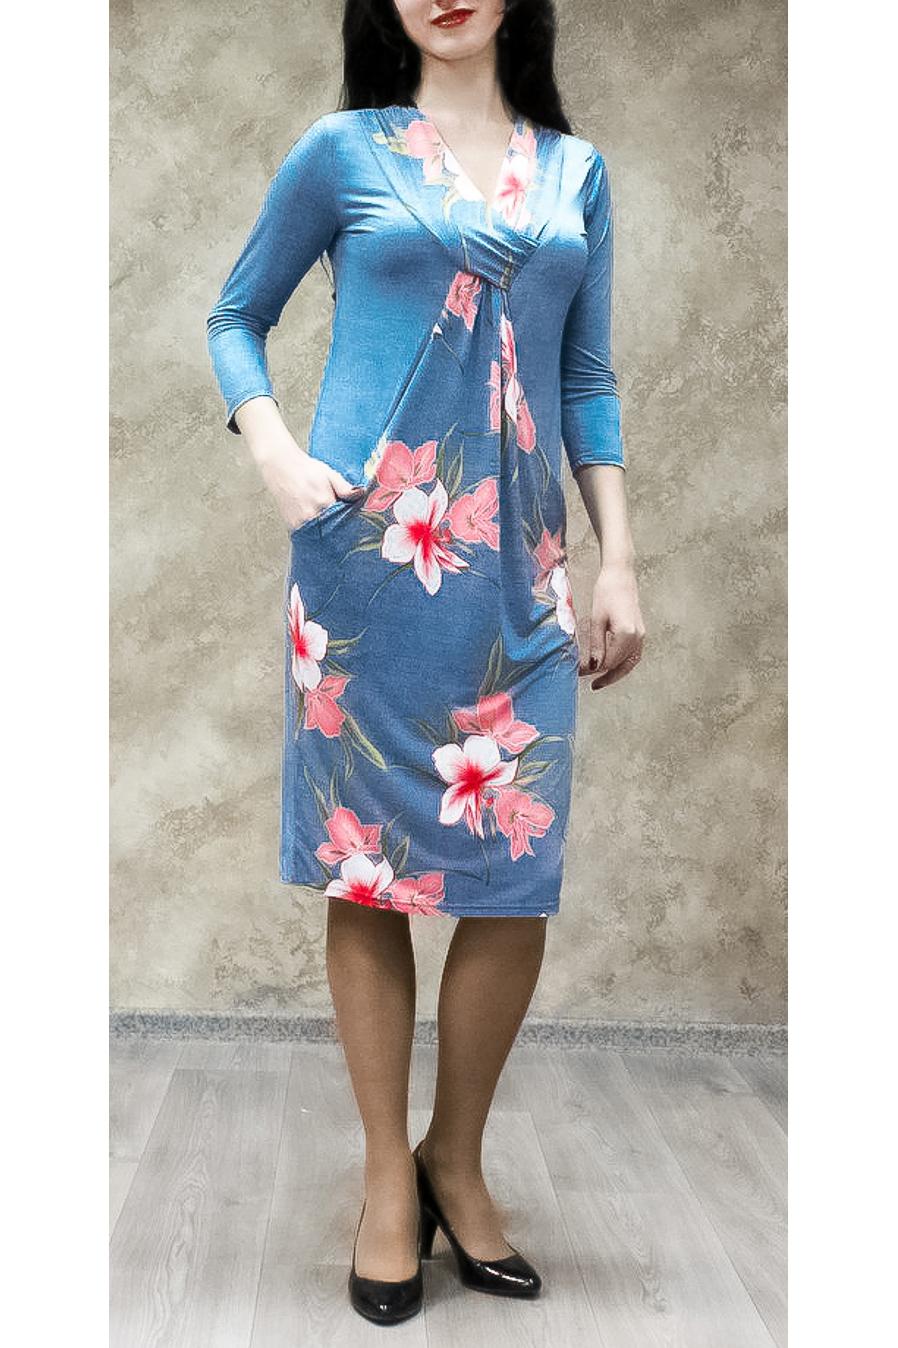 ПлатьеПлатья<br>Цветное платье с интересной горловиной и рукавами 3/4. Модель выполнена из приятного трикотажа. Отличный выбор для любого случая.  В изделии использованы цвета: голубой, розовый и др.  Ростовка изделия 170 см.<br><br>Горловина: V- горловина<br>По длине: Ниже колена<br>По материалу: Трикотаж<br>По рисунку: Растительные мотивы,С принтом,Цветные,Цветочные<br>По силуэту: Полуприталенные<br>По стилю: Повседневный стиль<br>По форме: Платье - футляр<br>По элементам: С карманами<br>Рукав: Рукав три четверти<br>По сезону: Осень,Весна<br>Размер : 50,52,54,56,58<br>Материал: Холодное масло<br>Количество в наличии: 27